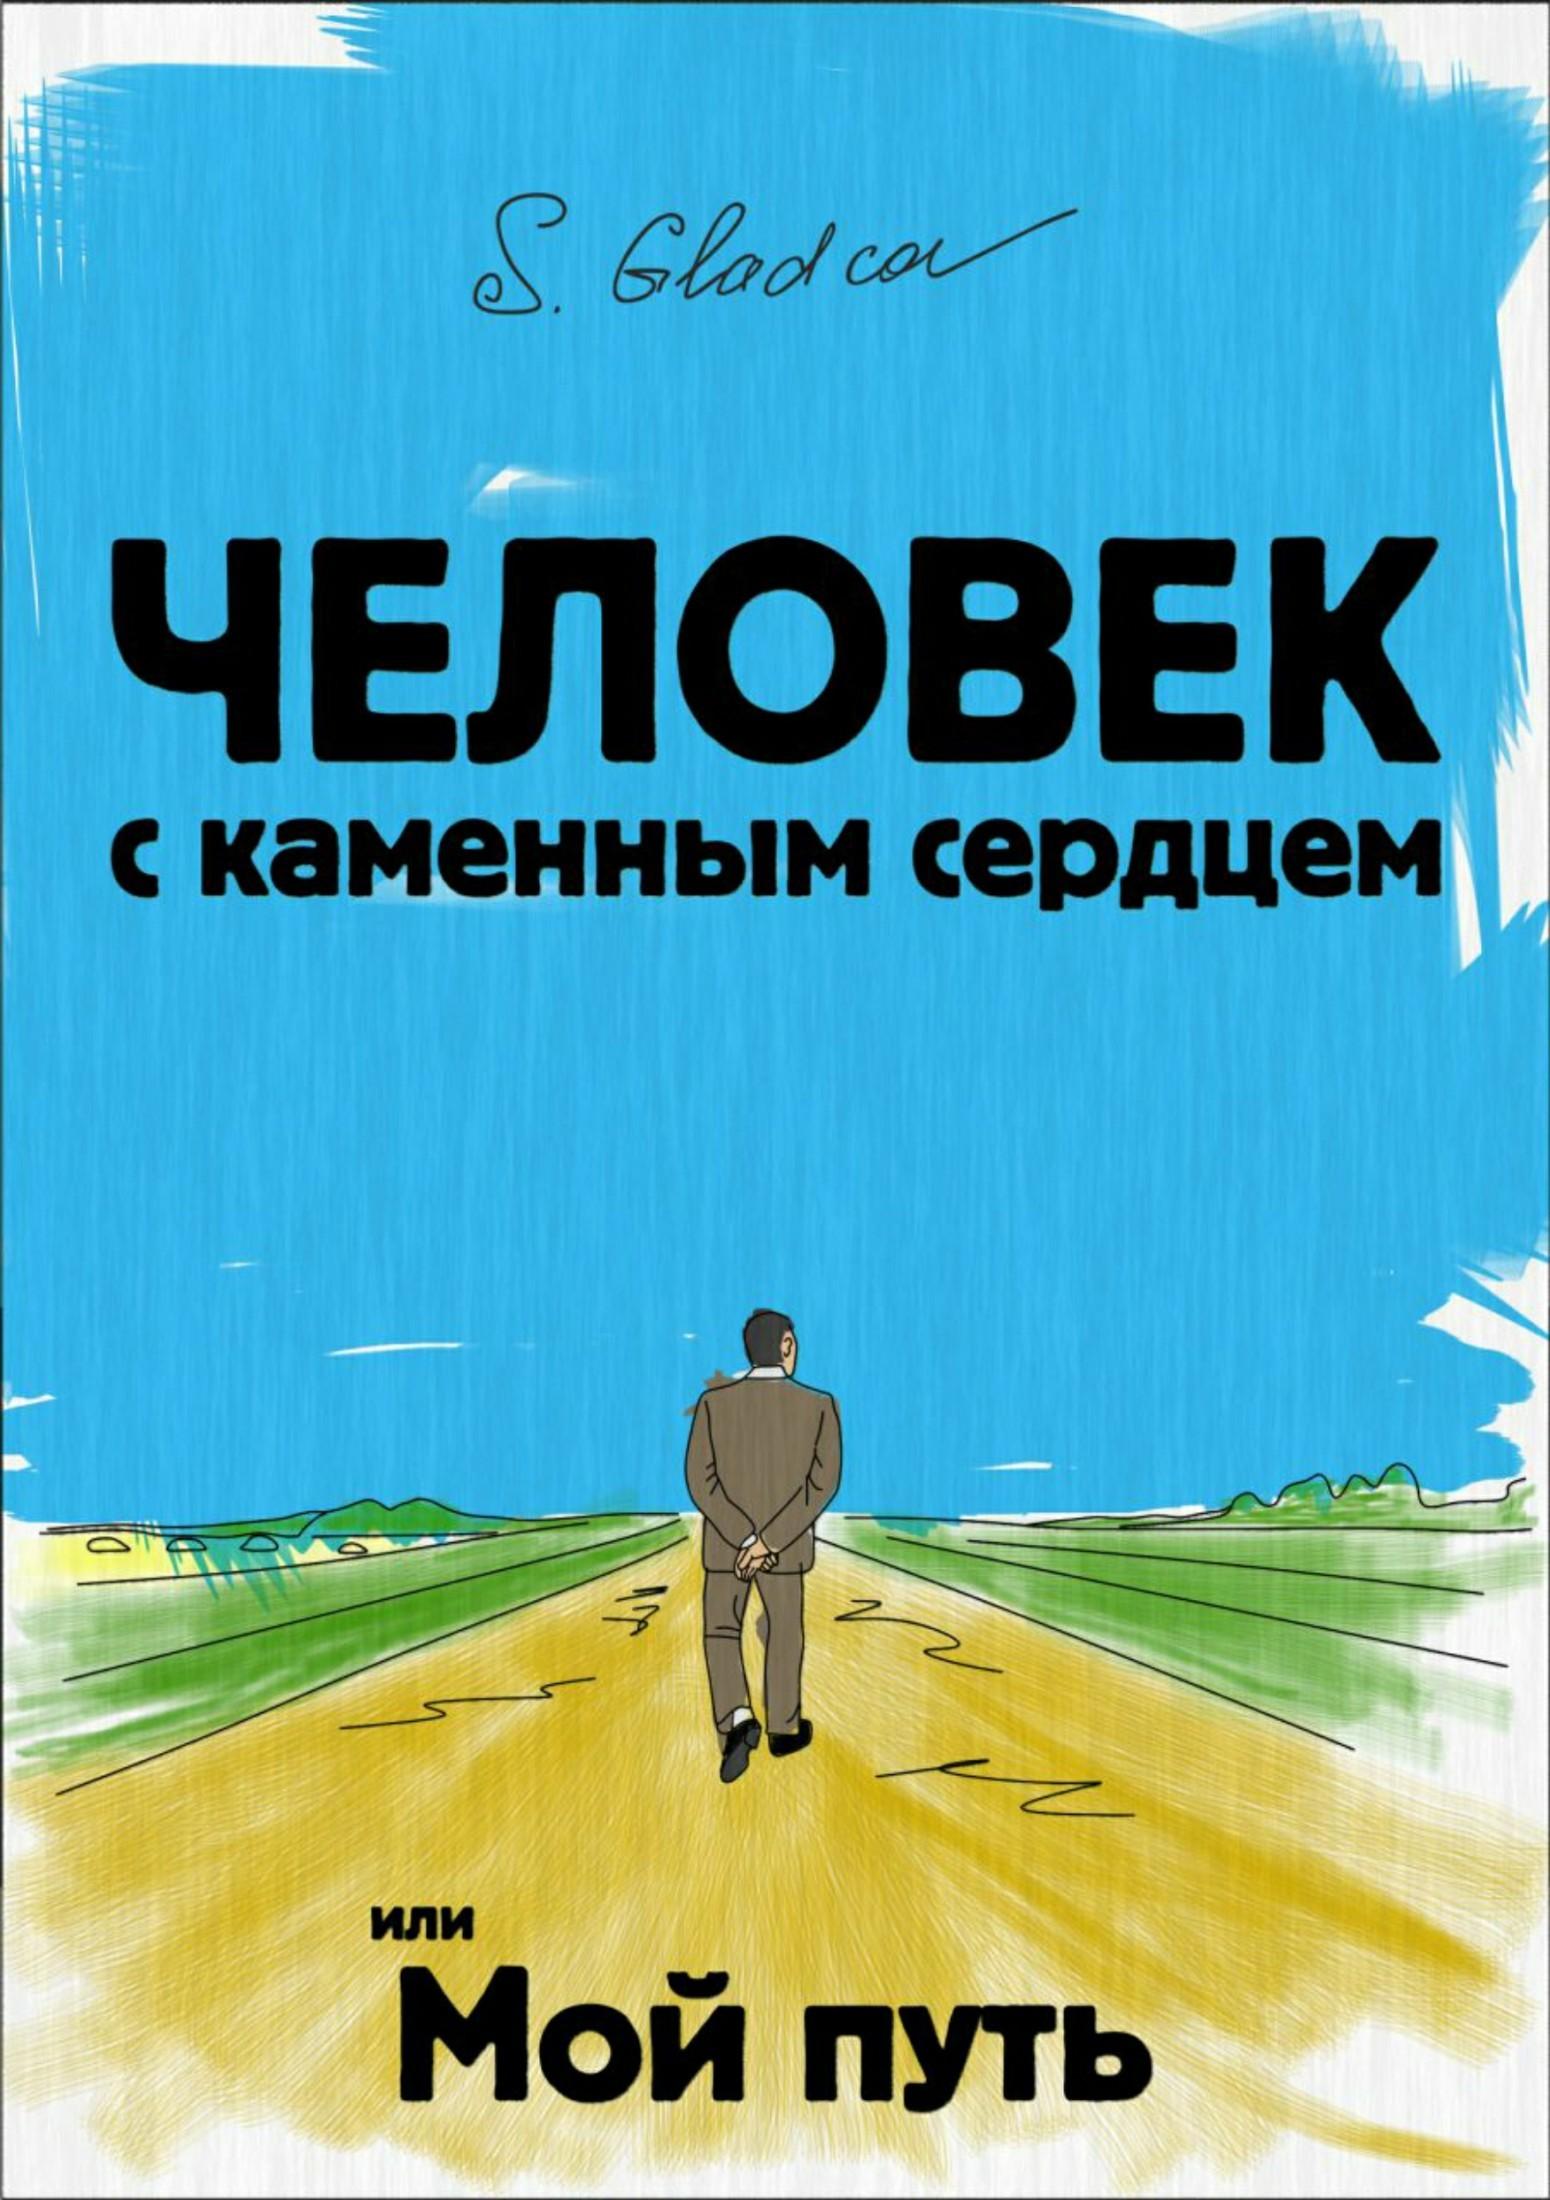 Сергей Гладков - Человек с каменным сердцем или Мой путь